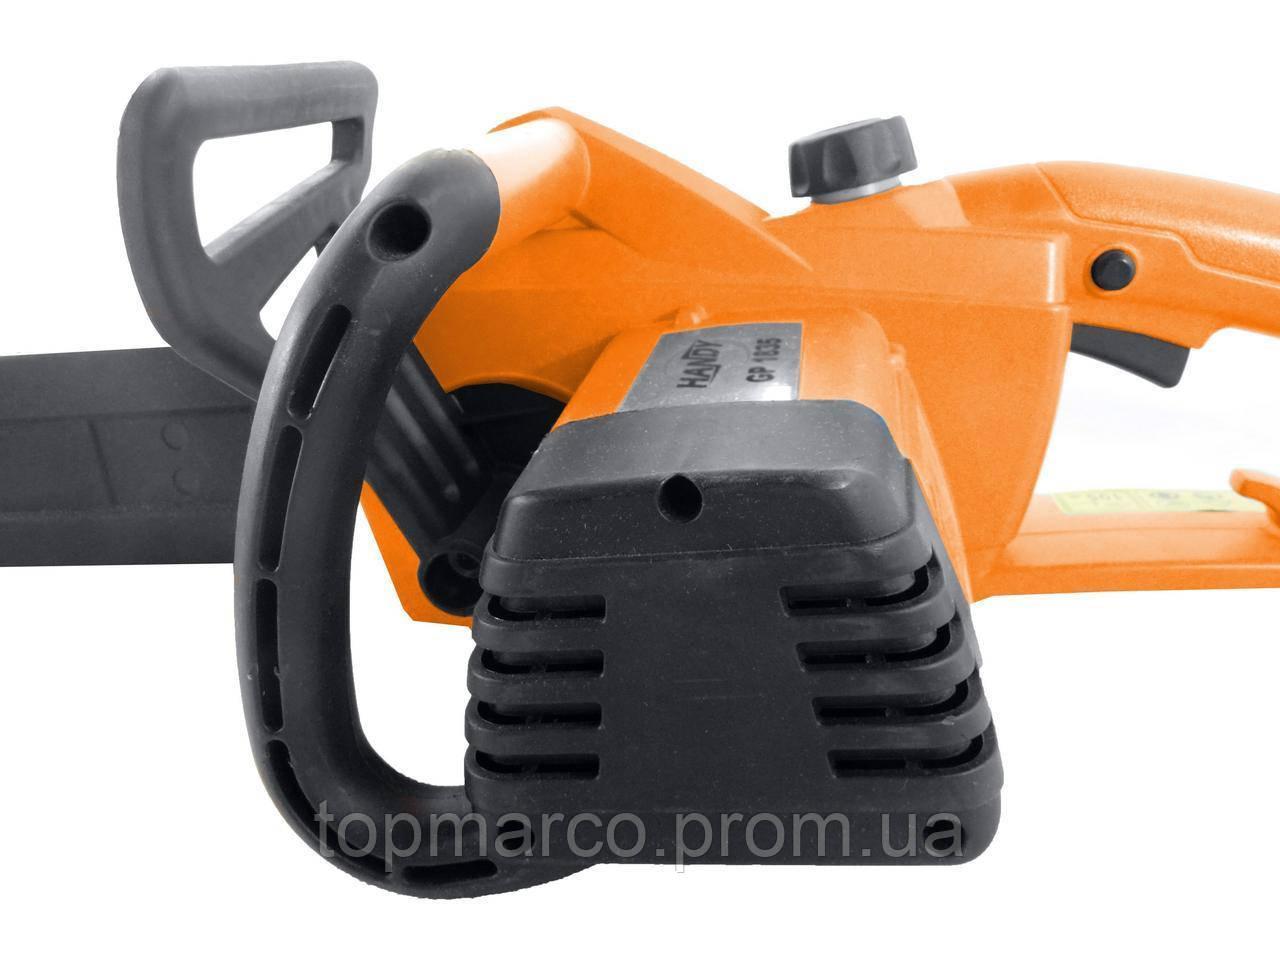 Пила цепная электрическая Handy GP1835 1800 ВТ 3